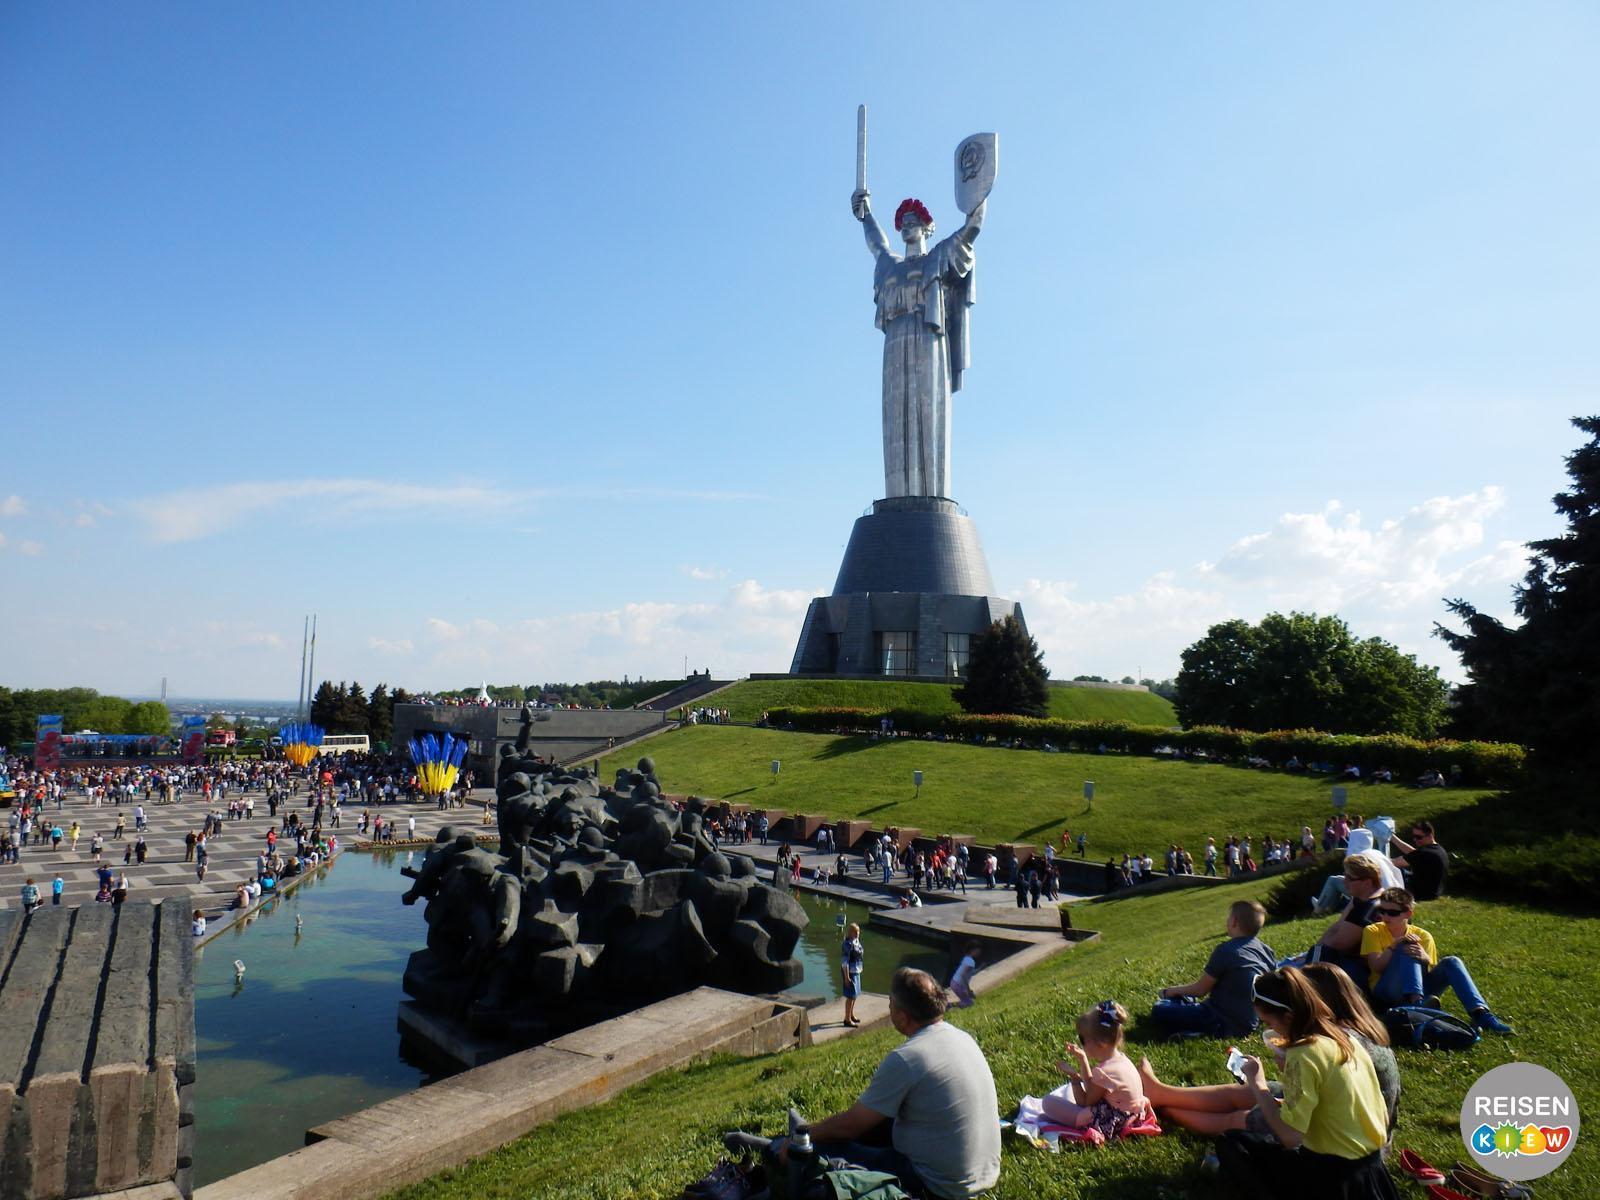 Mutter-Heimat-Denkmal